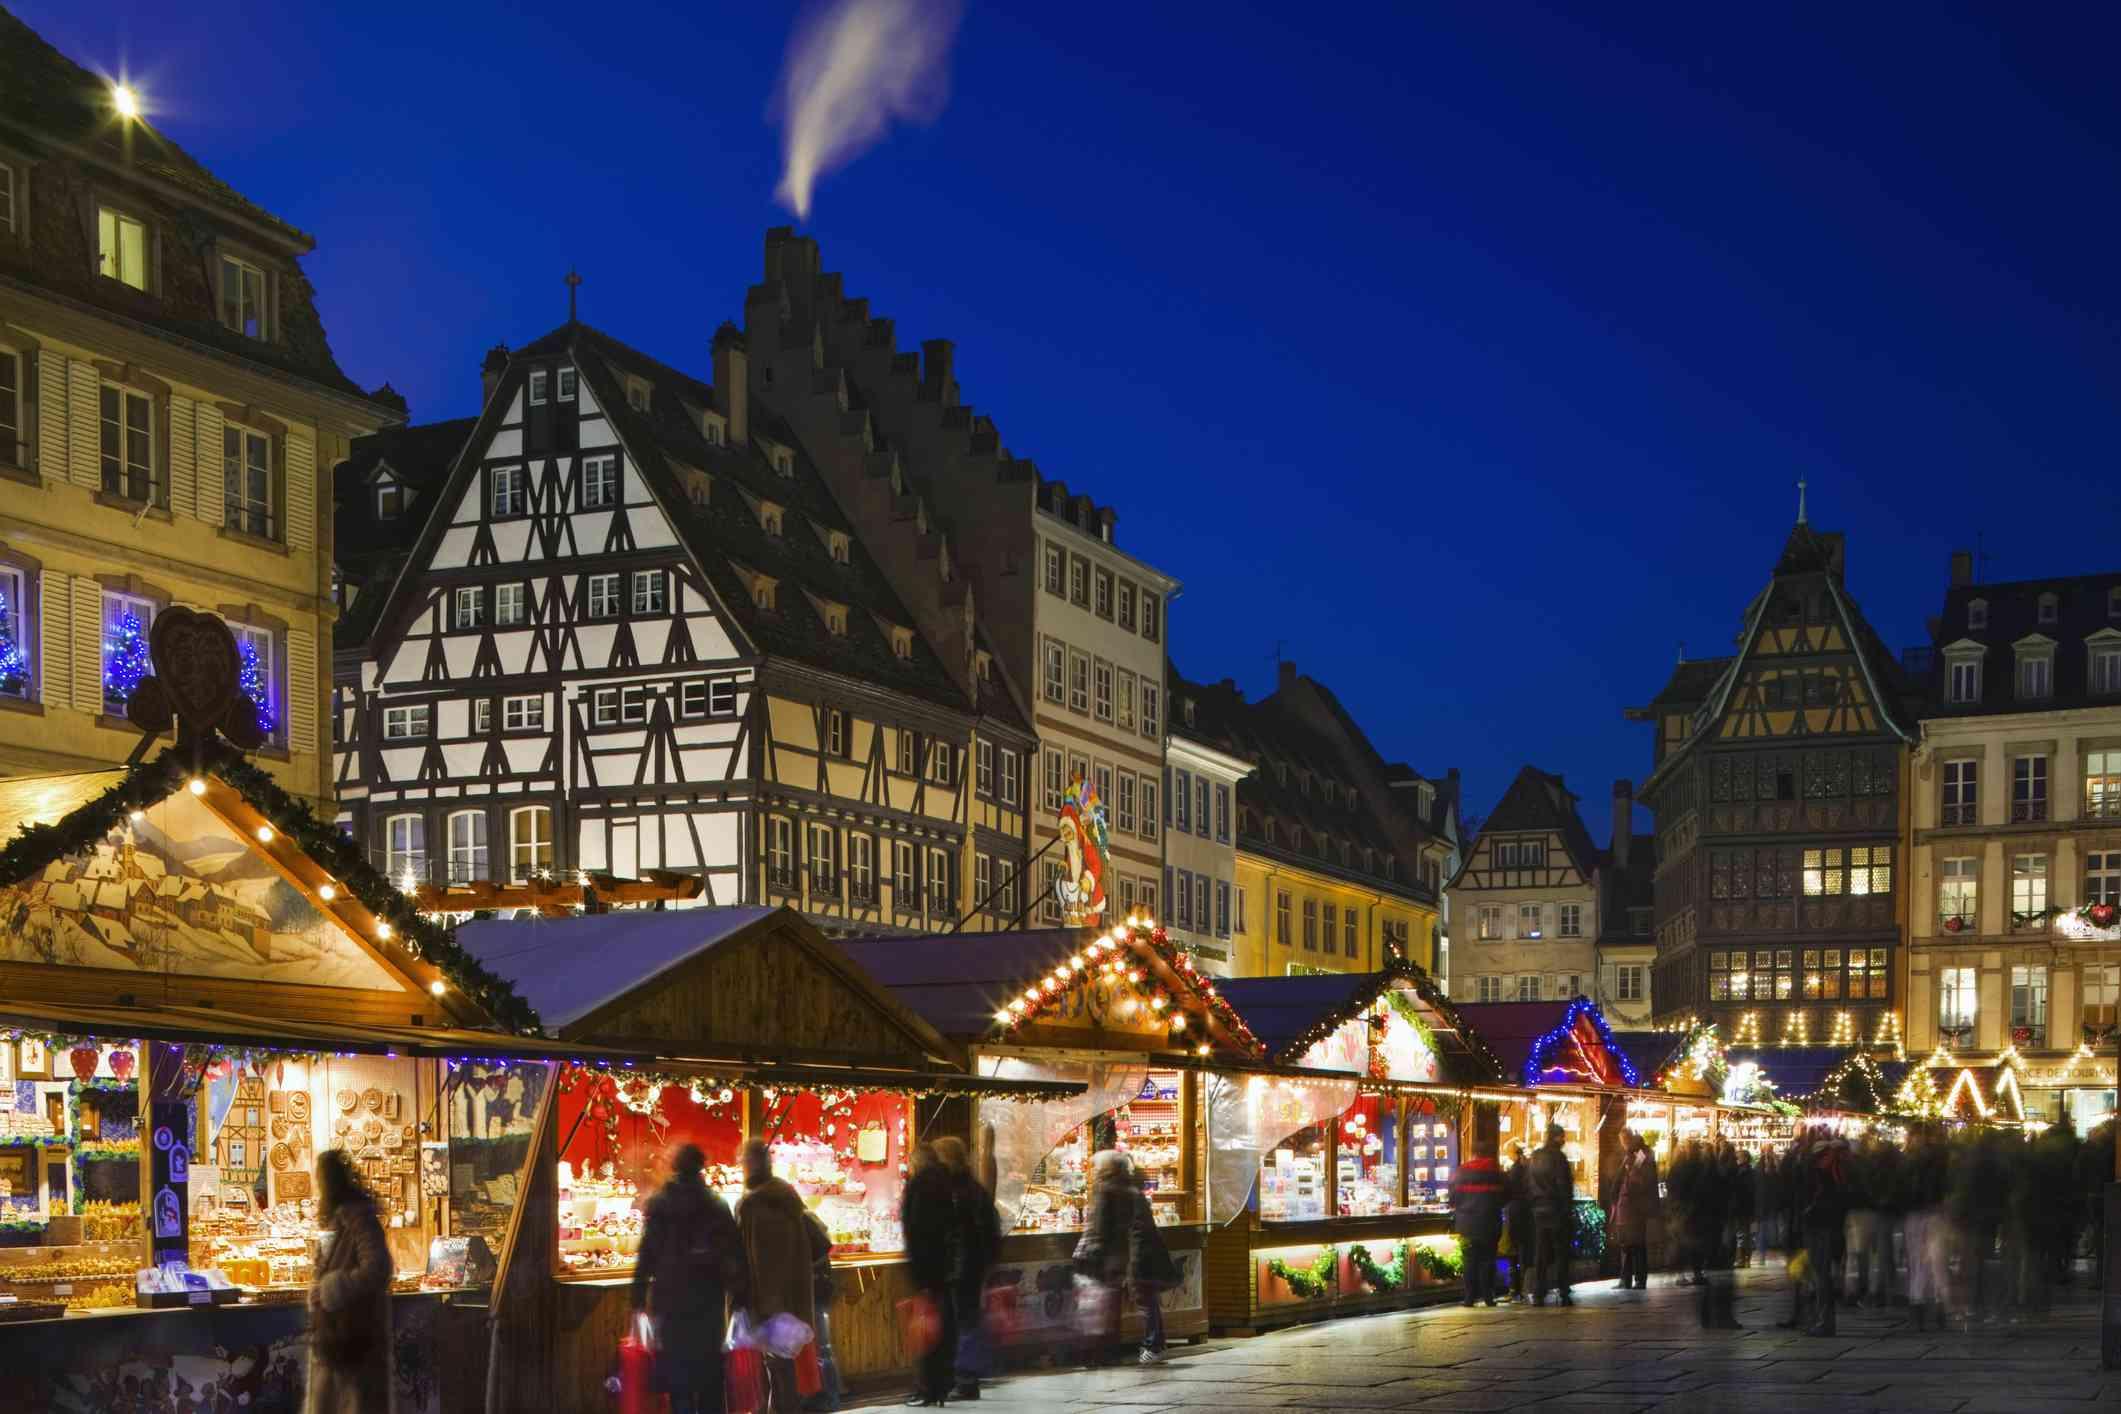 Christmas market in Strasbourg, France